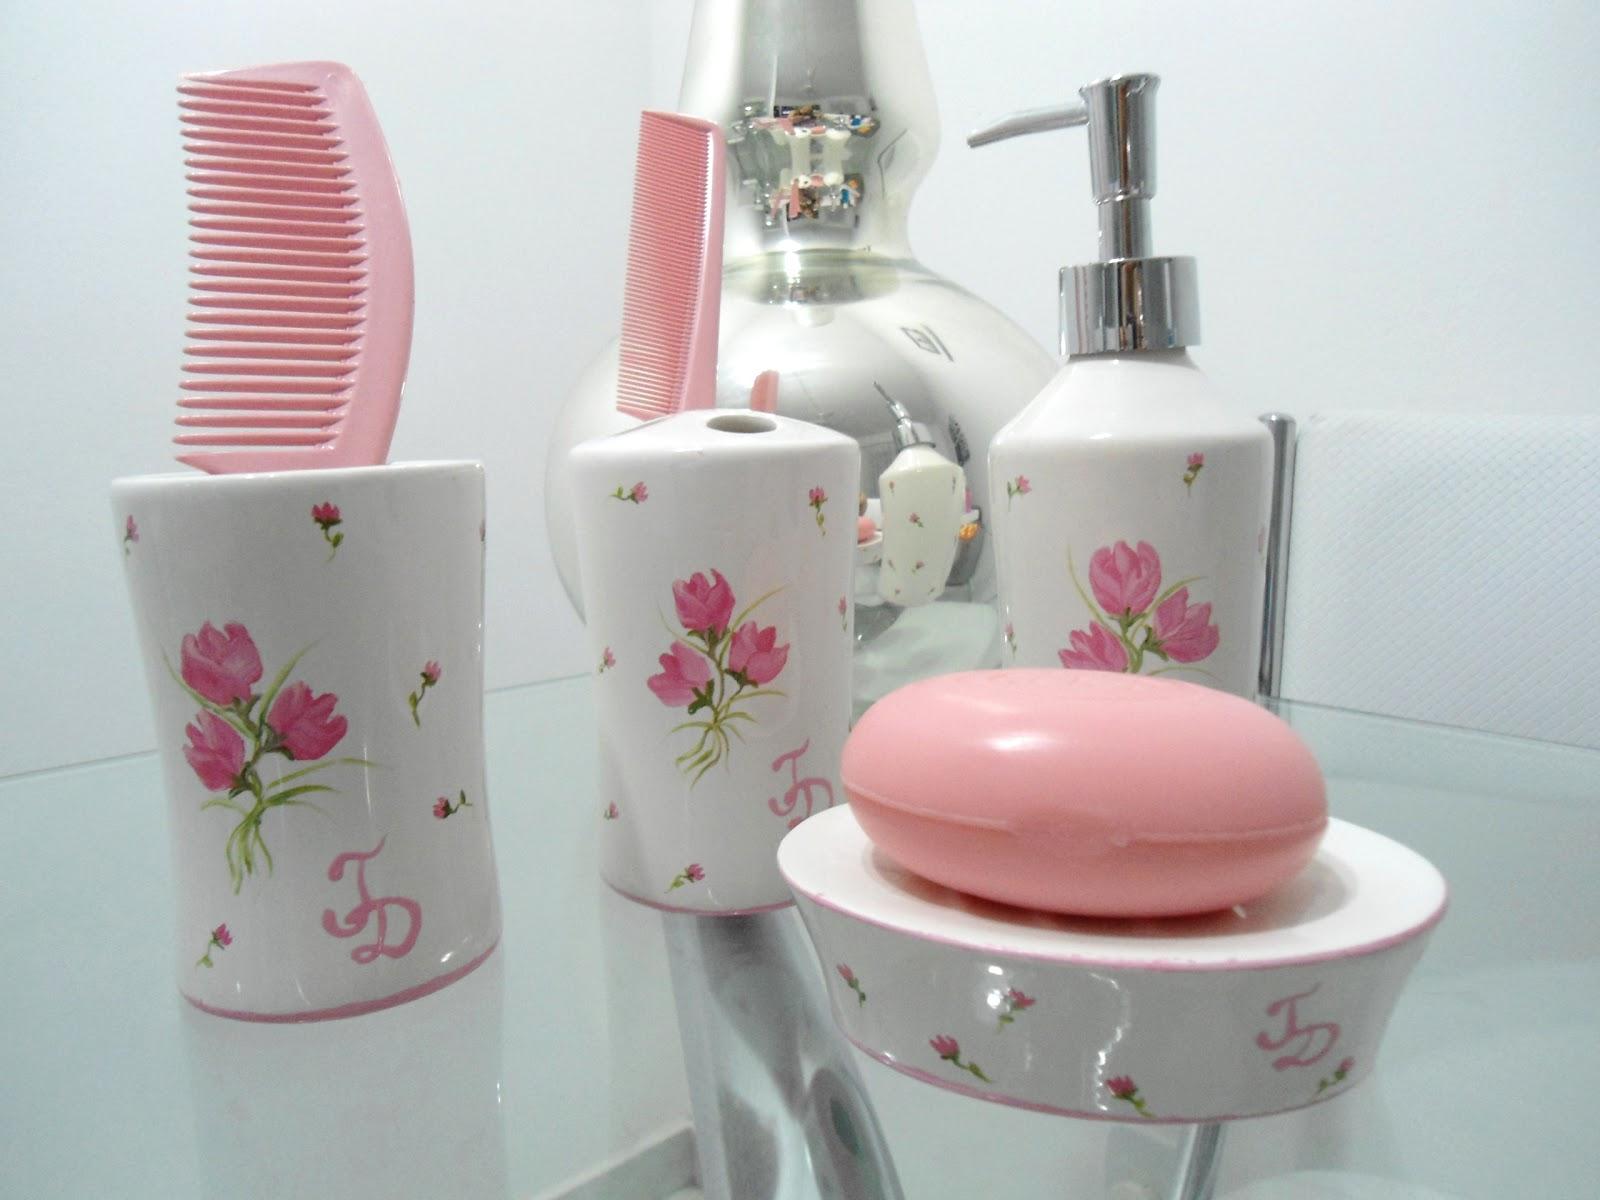 Personalizadas: Kit Toilet casamento rosa bebê rosa pink #76383A 1600x1200 Balança De Banheiro Rosa